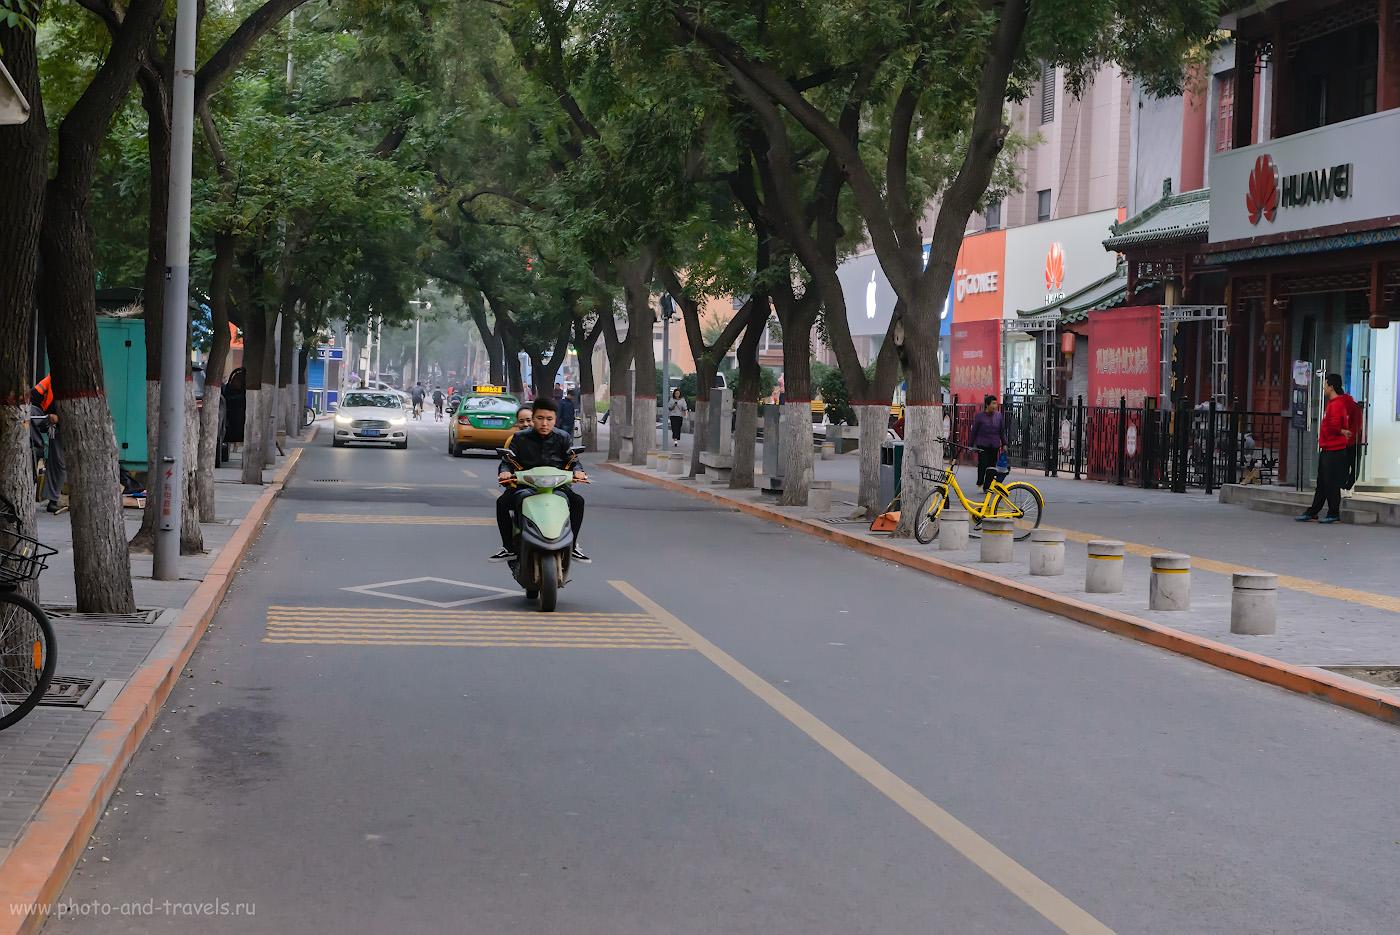 Фото 14. Где поесть в Сиане. На улочке West 1st Road, недалеко от Колокольной башни. Отзывы туристов о поездке в Китай самостоятельно. 1/160, -0.67, 8.0, 4000, 70.